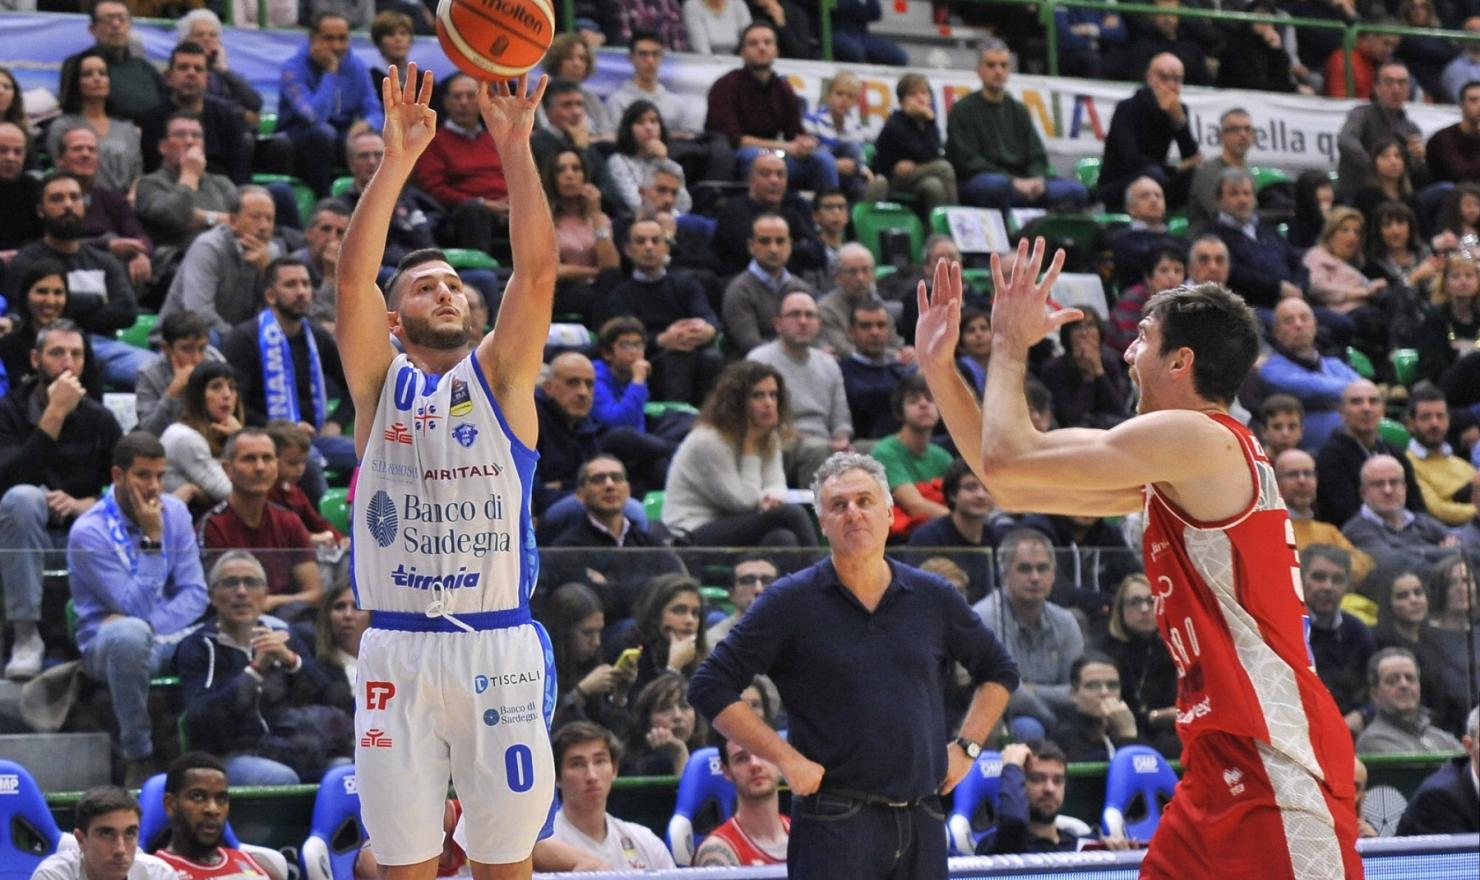 La Dinamo è tornata alla vittoria, superando la VL Pesaro con un punteggio record: 114 a 73!